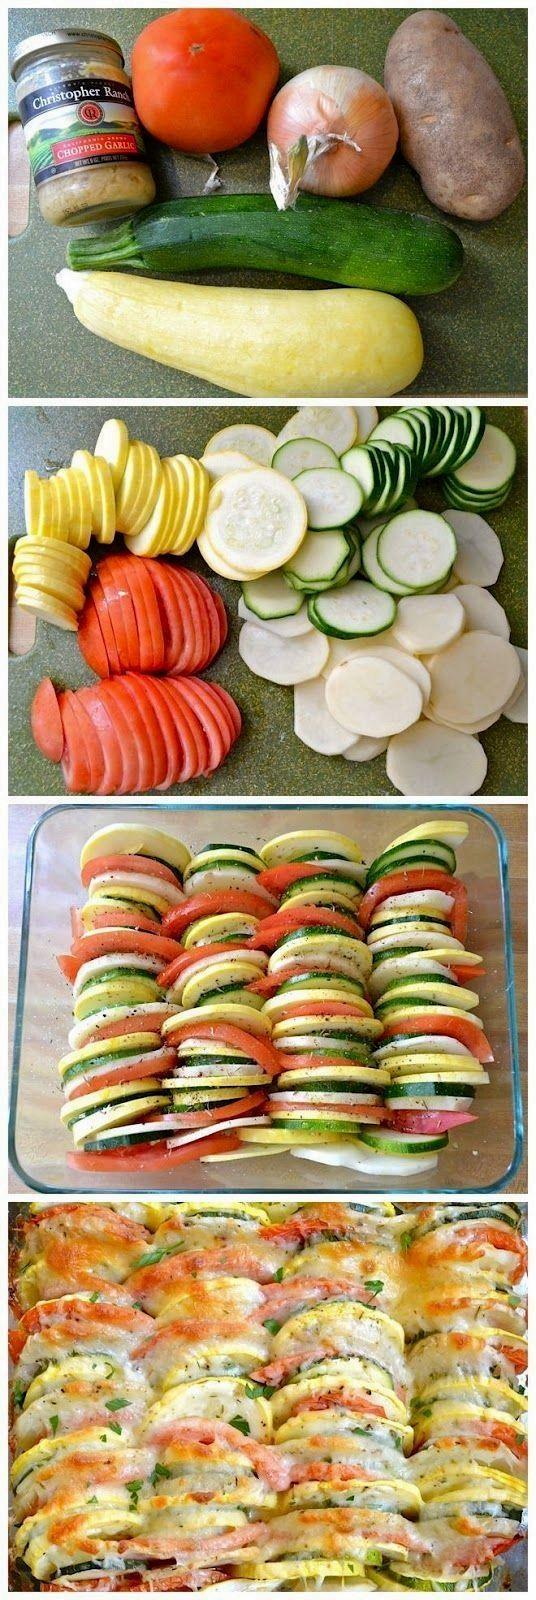 Suflê de legumes em rodelas.